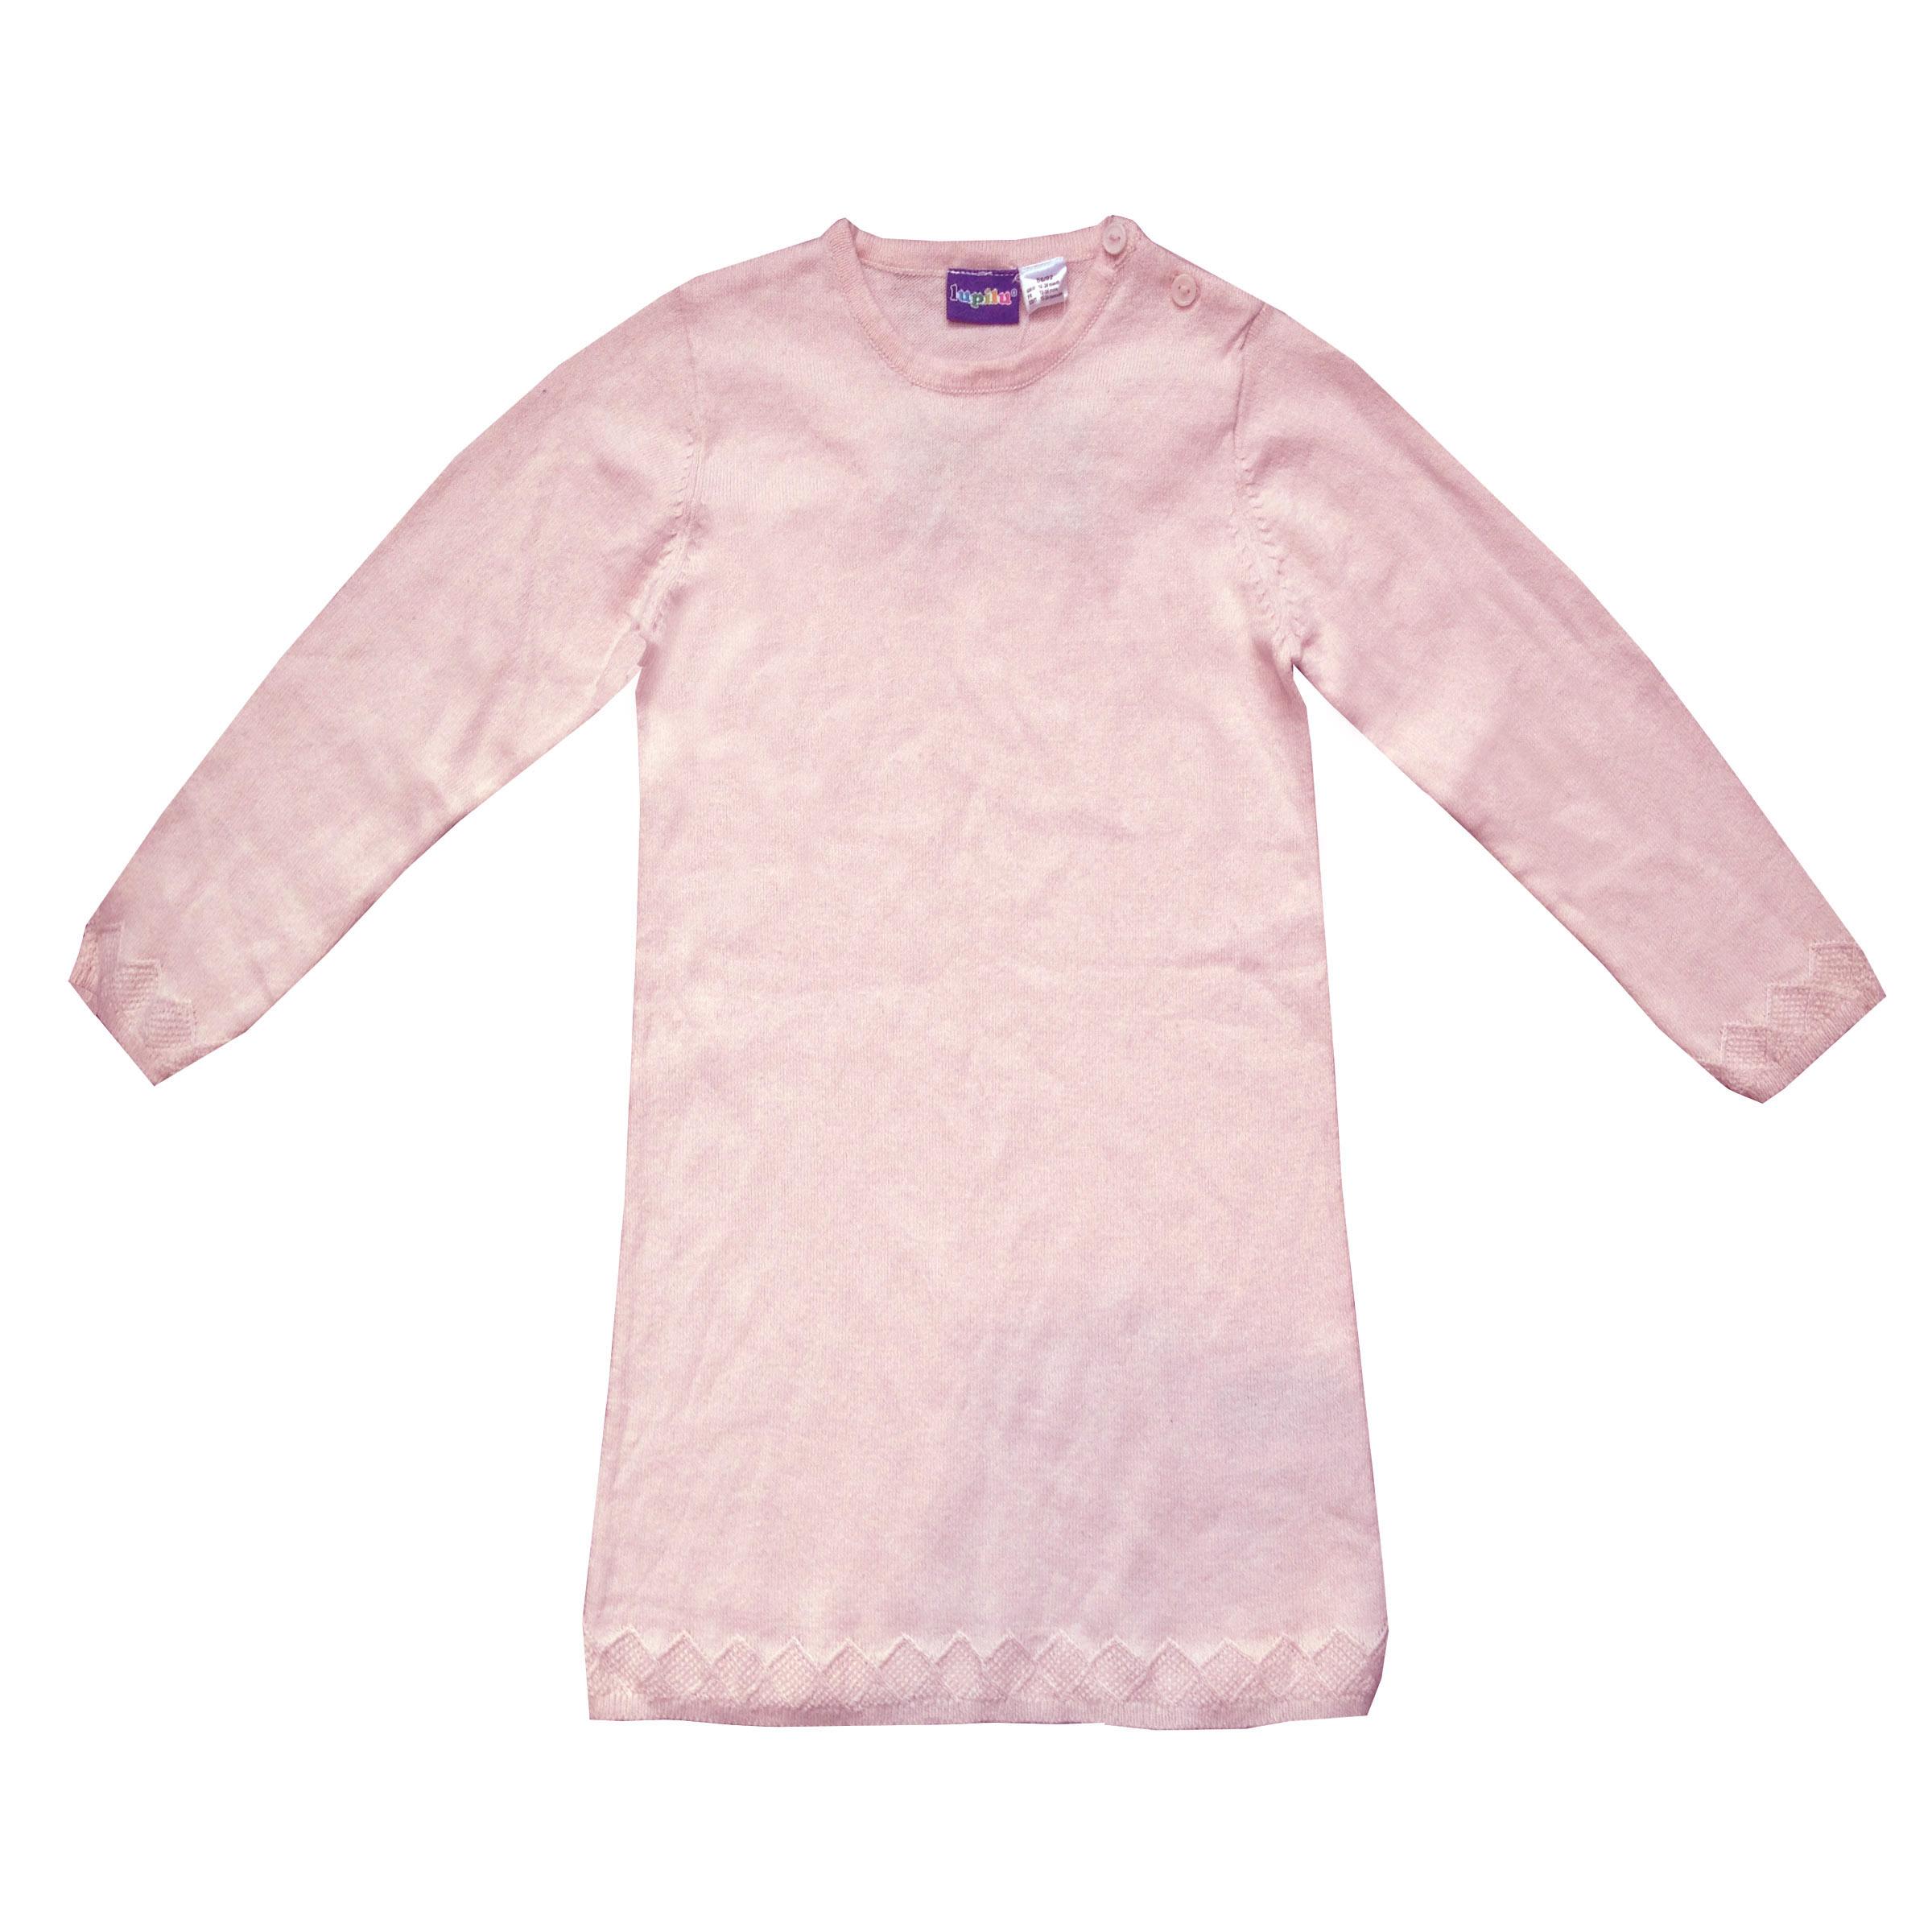 پیراهن بافتنی دخترانه لوپیلو مدل IAN 305340